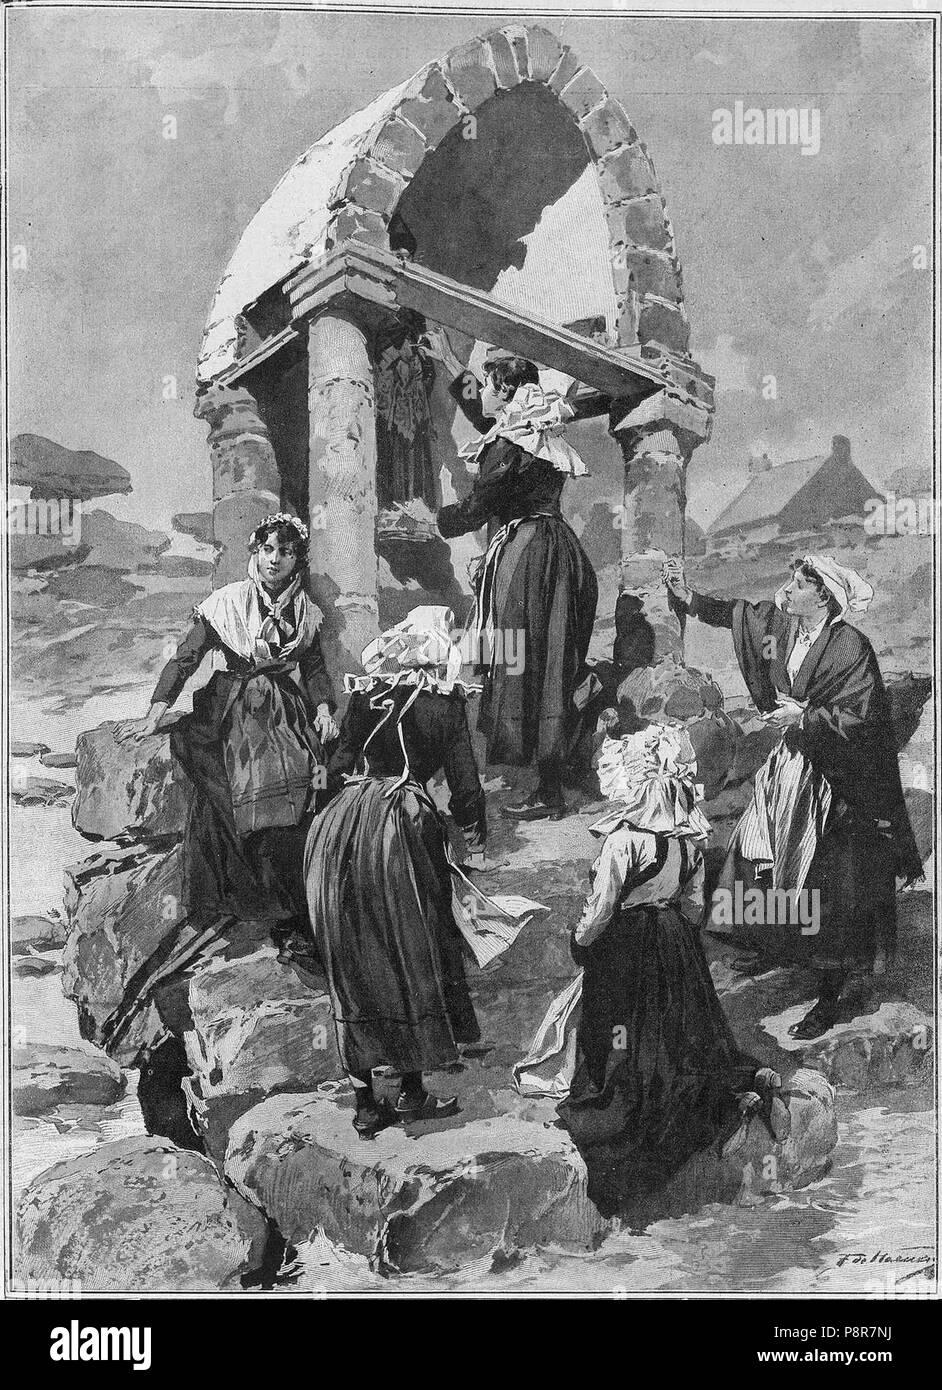 354 jóvenes que acuden a visitar a San Guirec el día de Santa Catalina para conseguir un marido antes de terminar el año Imagen De Stock